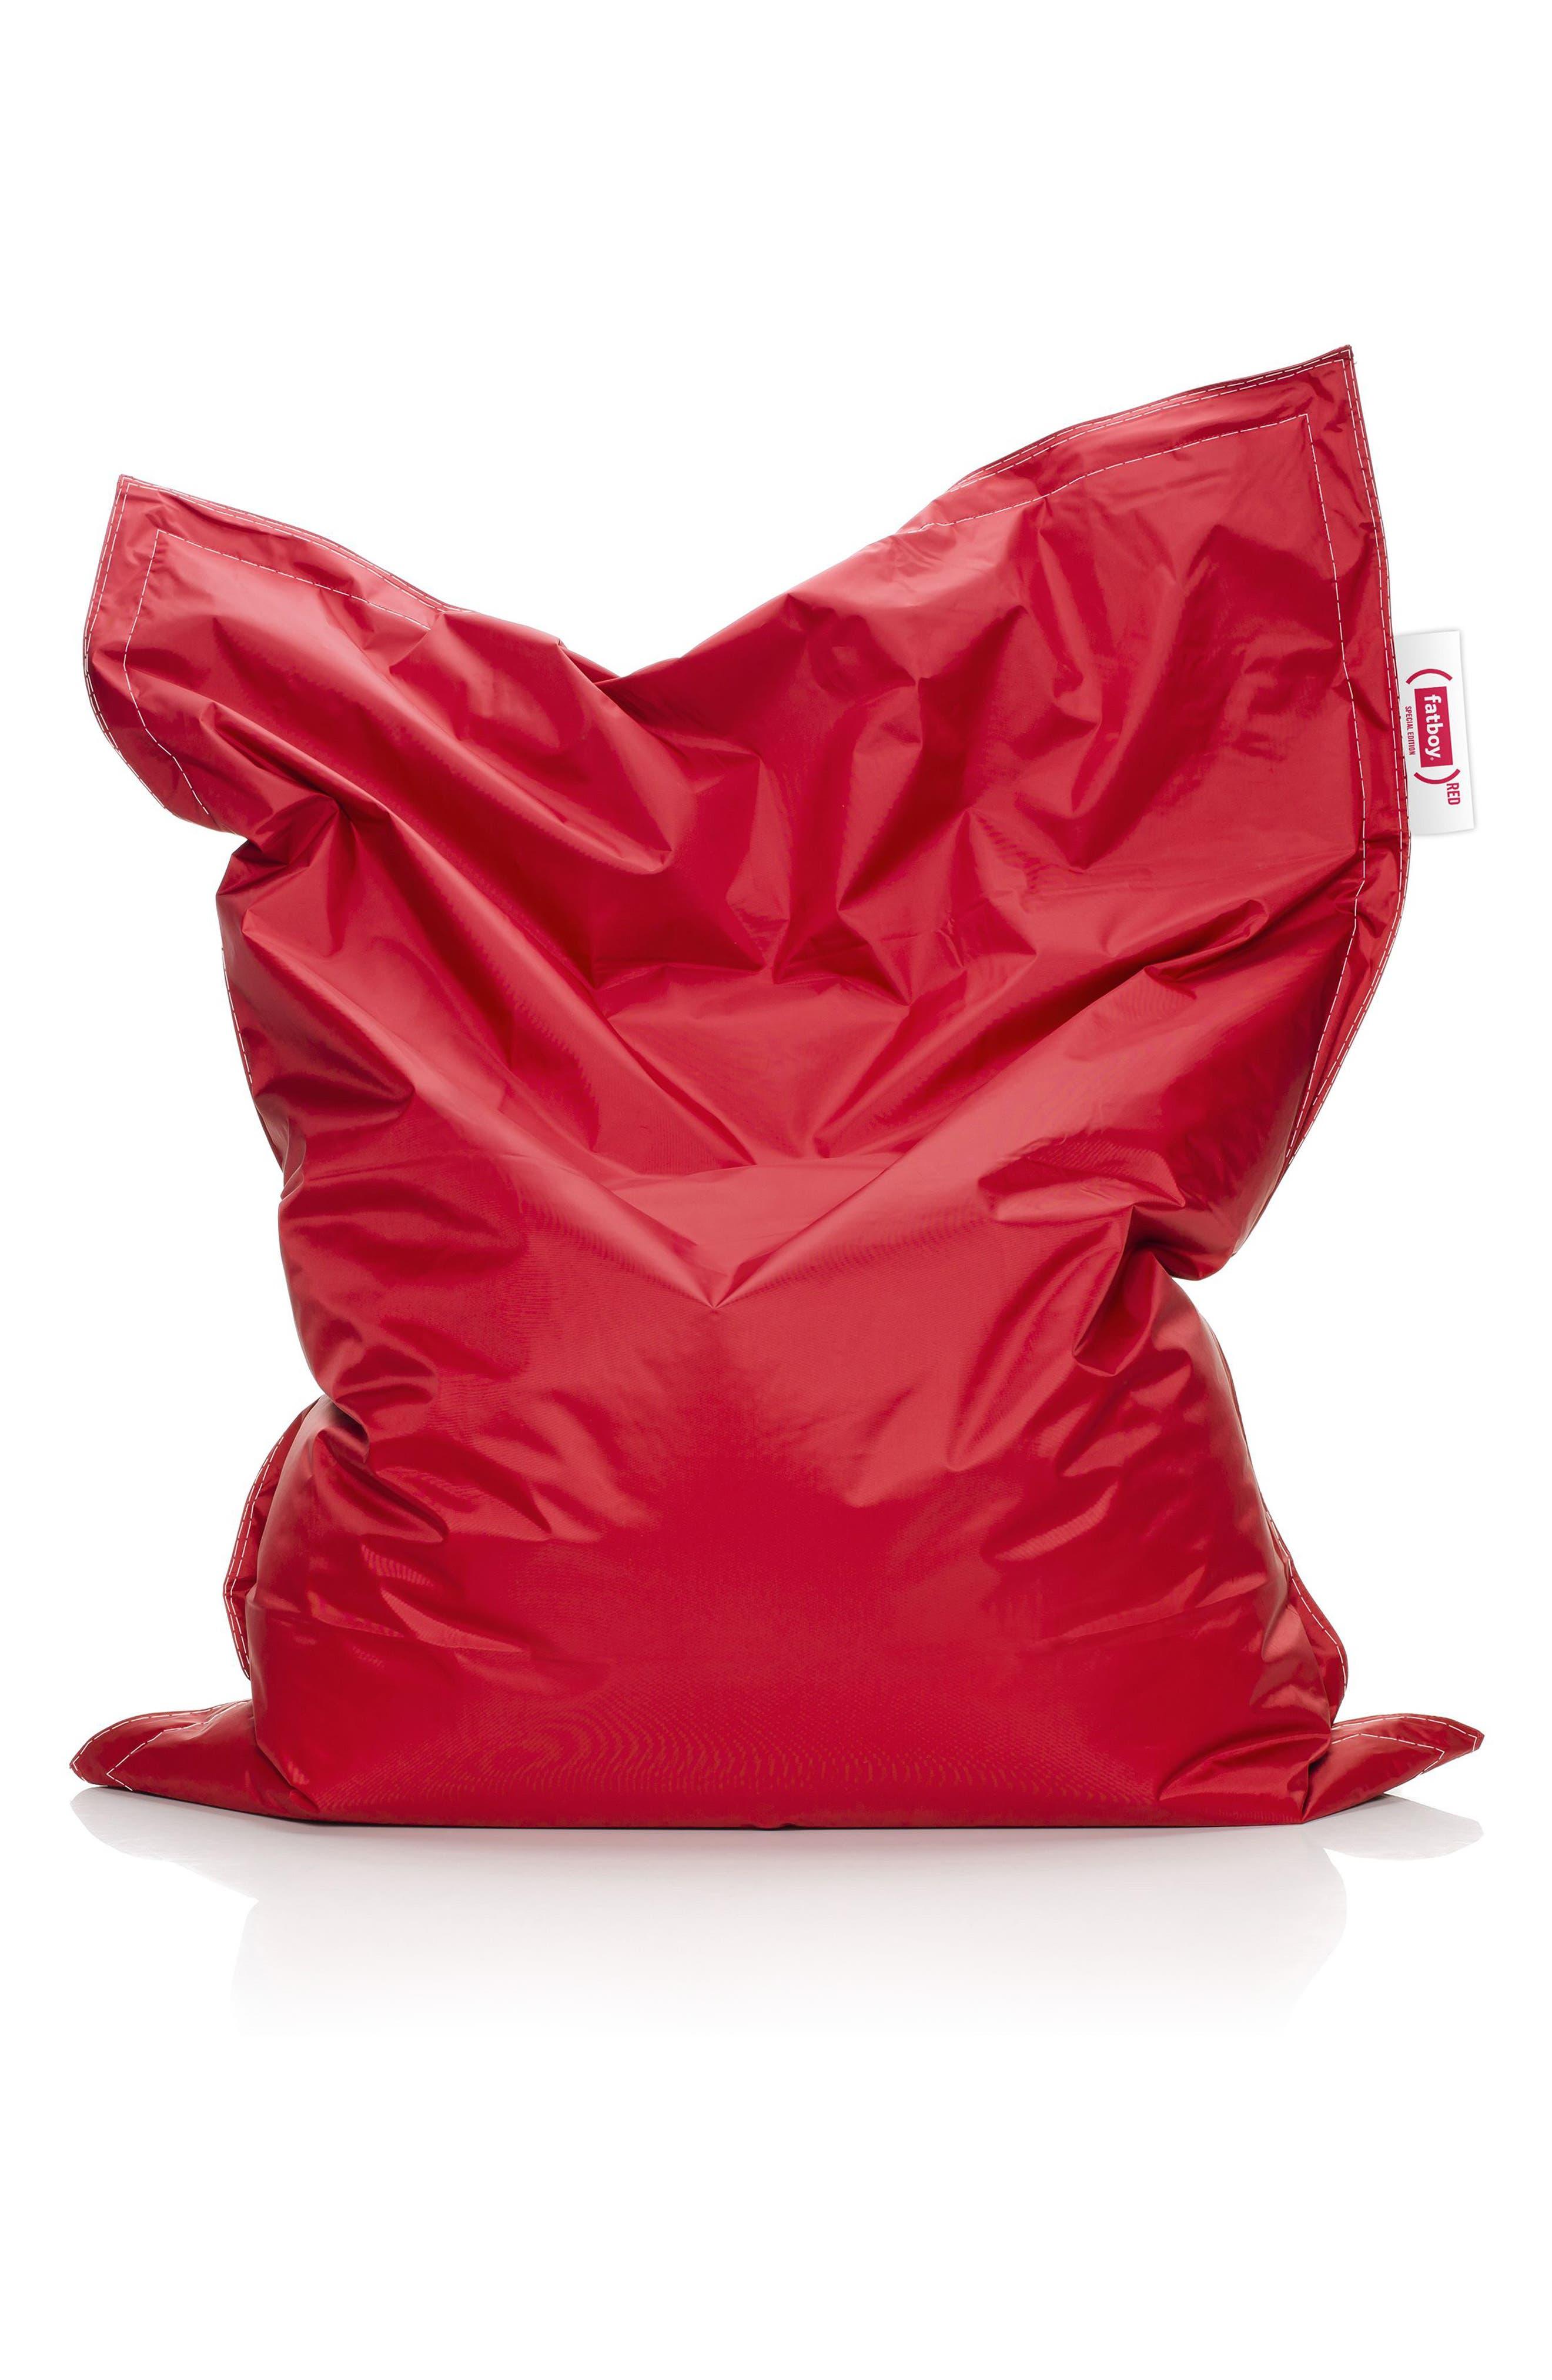 Fatboy Original RED Special Edition Beanbag Chair